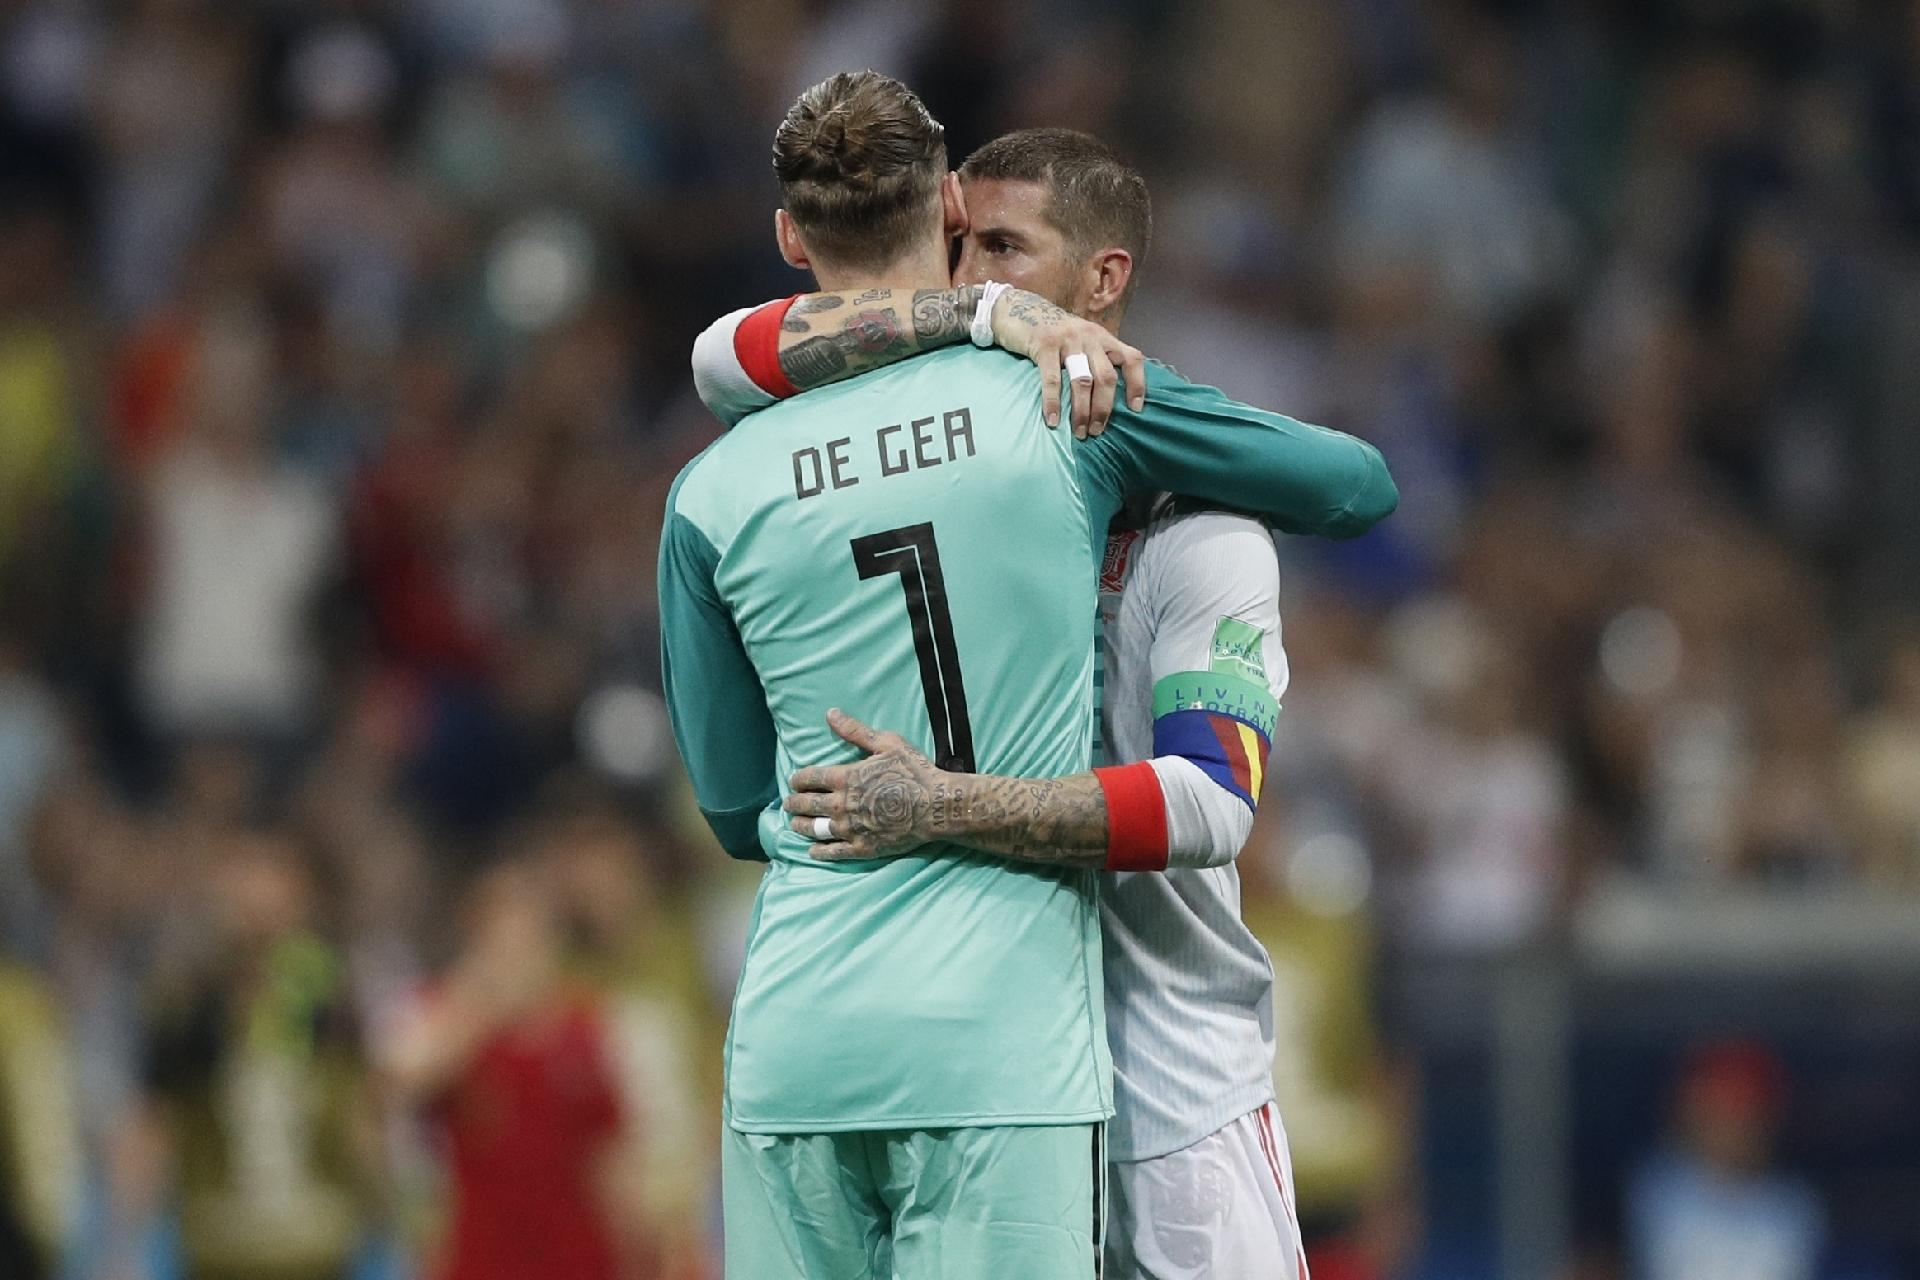 94423e5d3e98e Espanha na Copa 2018  Sergio Ramos sai em defesa de De Gea após falha  contra Portugal na estreia - UOL Copa do Mundo 2018